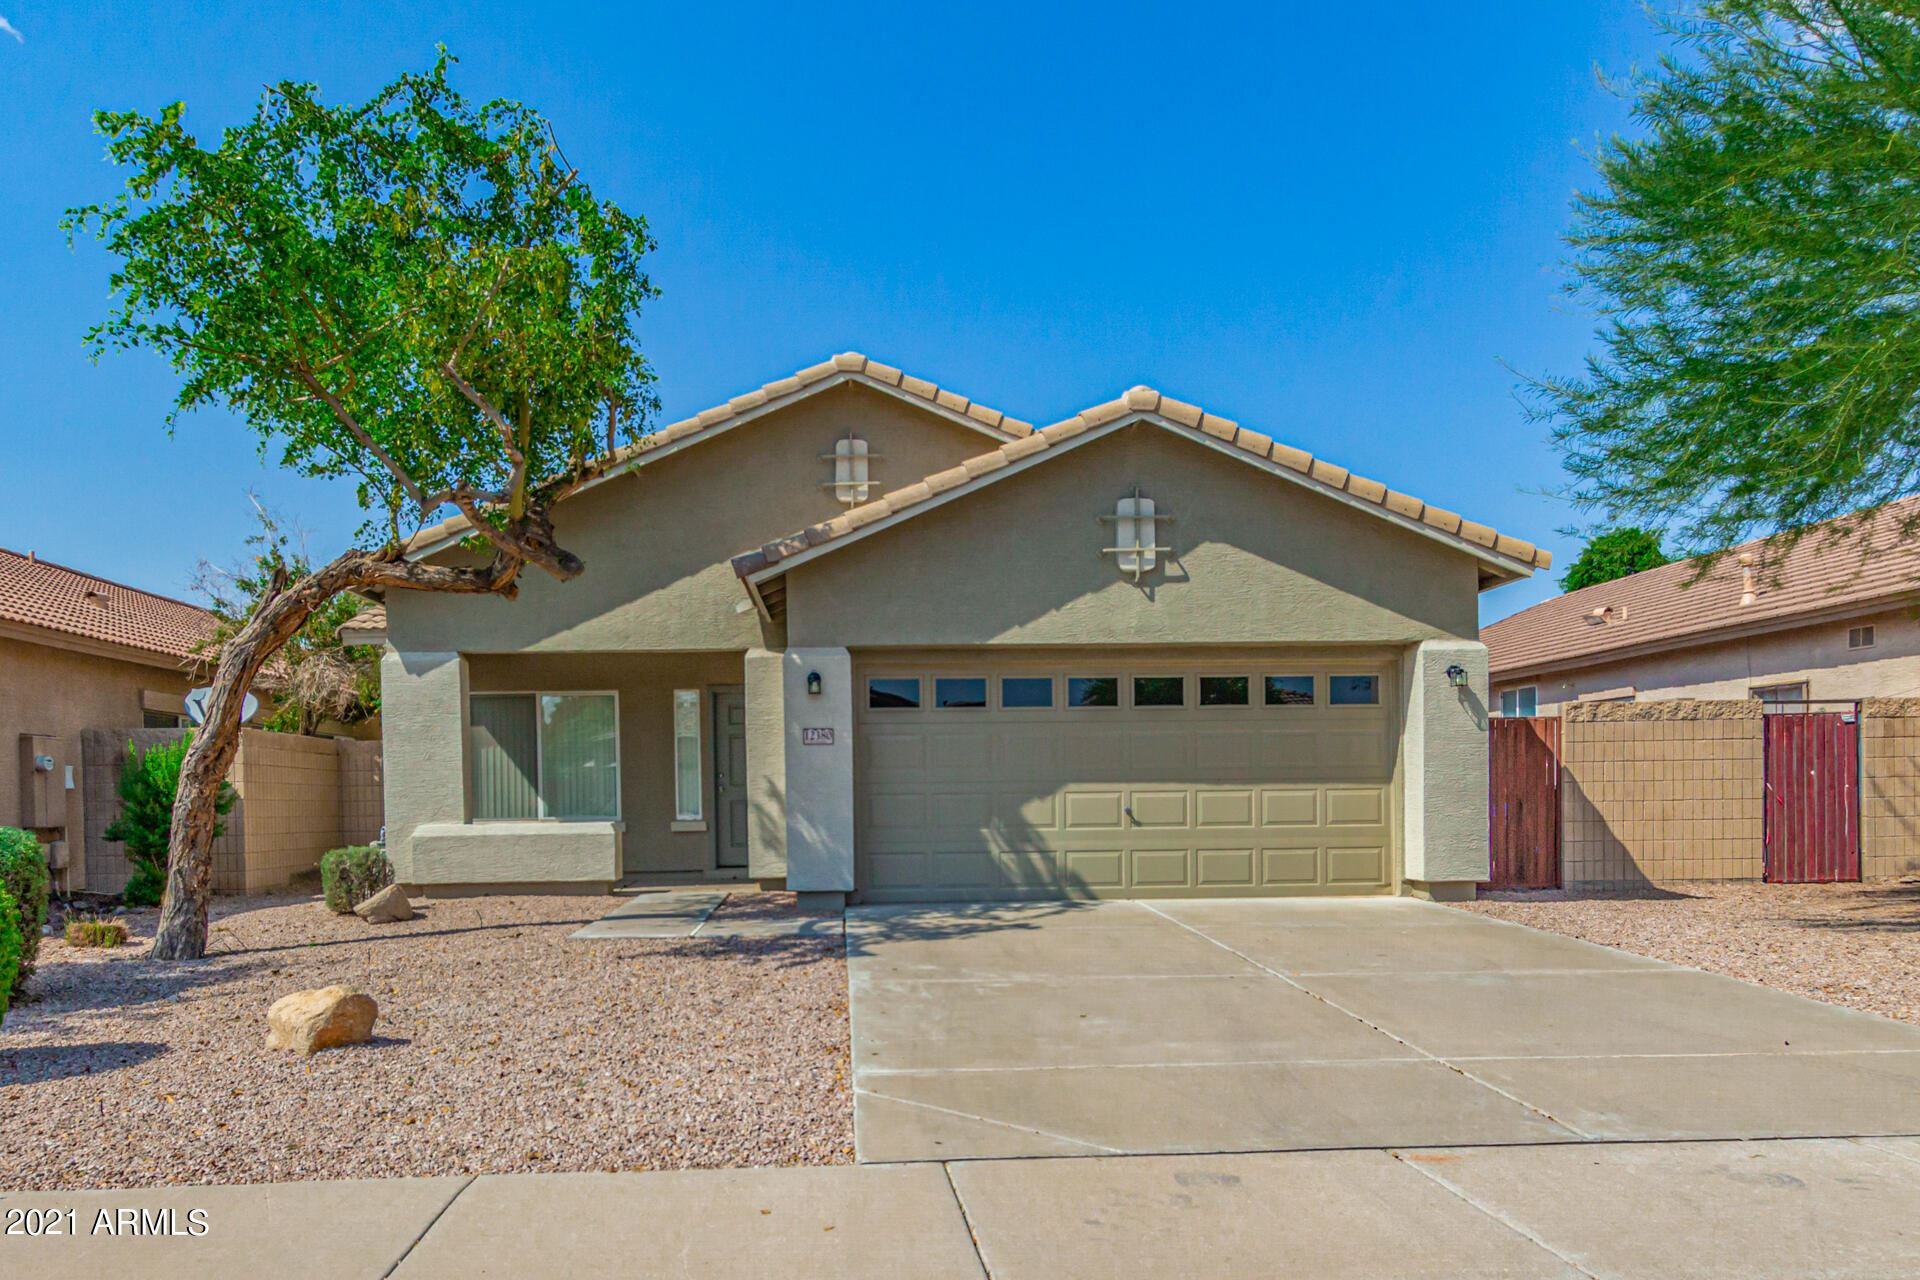 12380 W SHERMAN Street, Avondale, AZ 85323 - MLS#: 6292068